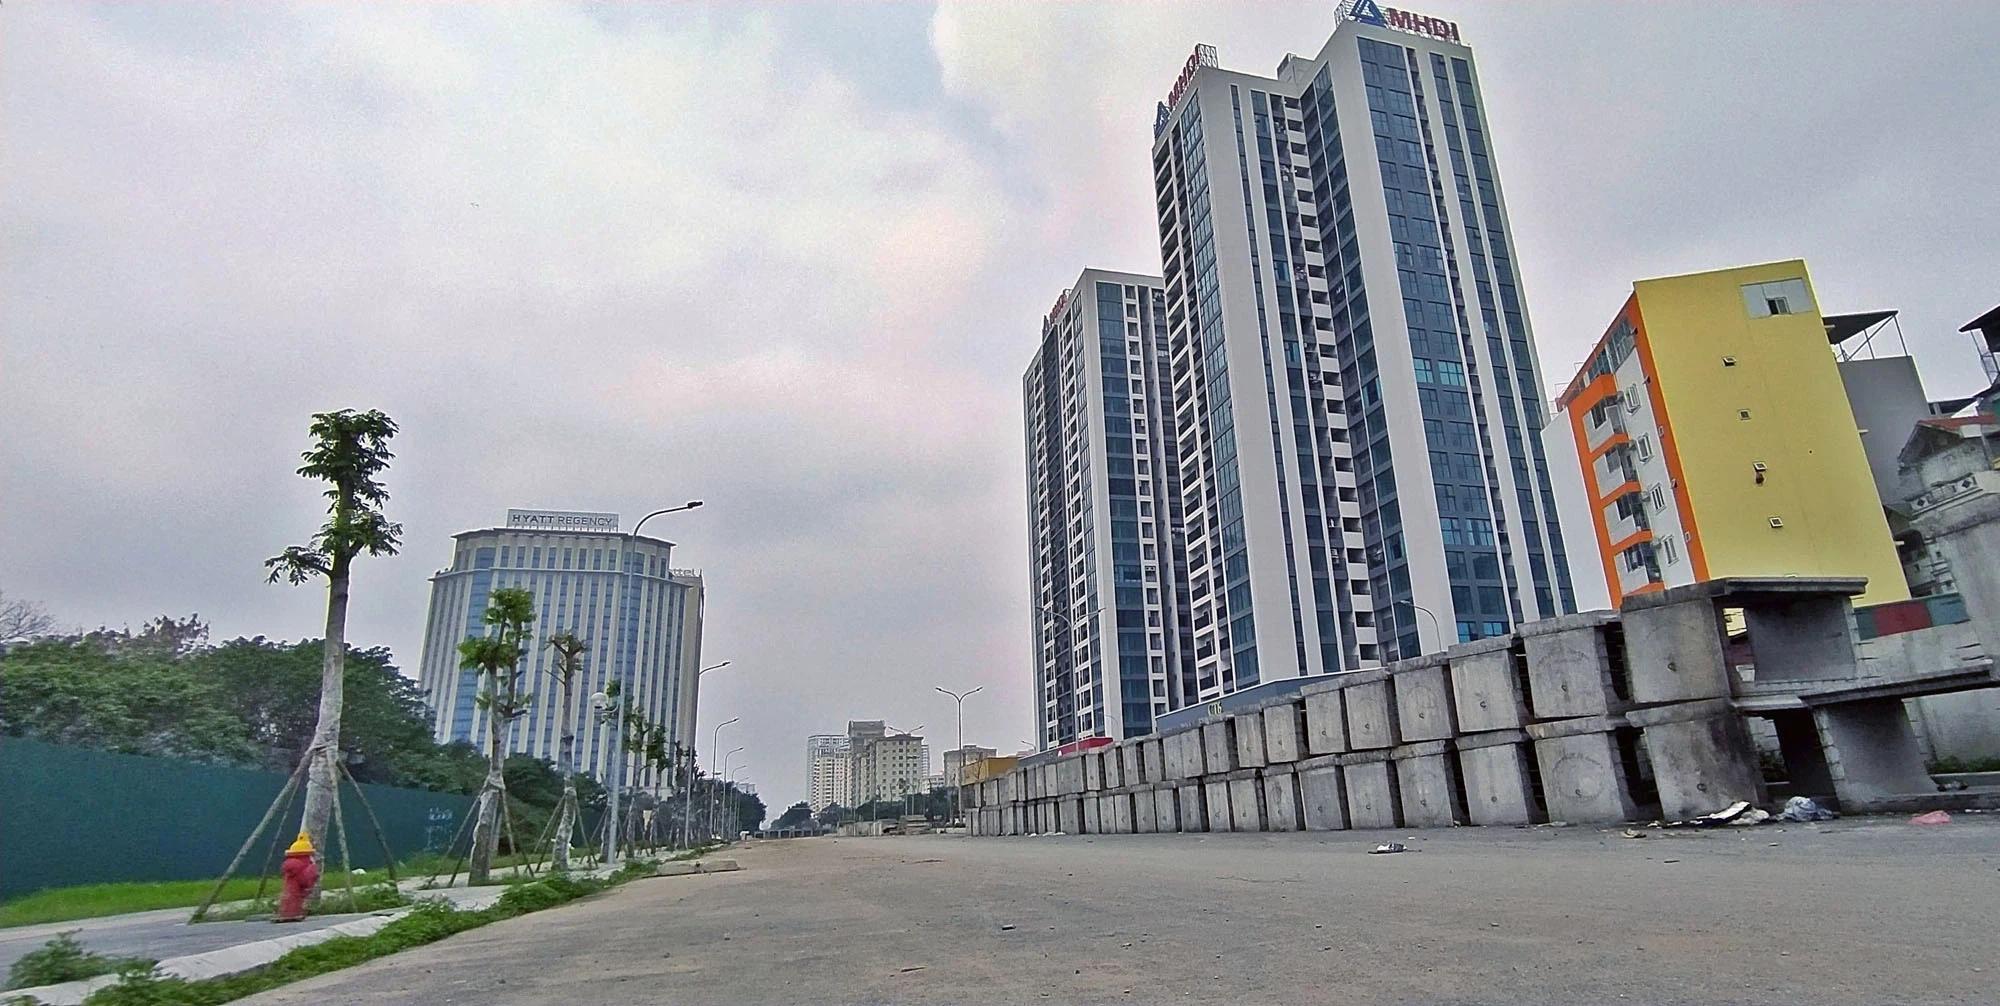 Toàn cảnh đường nối Lê Đức Thọ - Phạm Hùng đang mở theo quy hoạch ở Hà Nội - Ảnh 14.